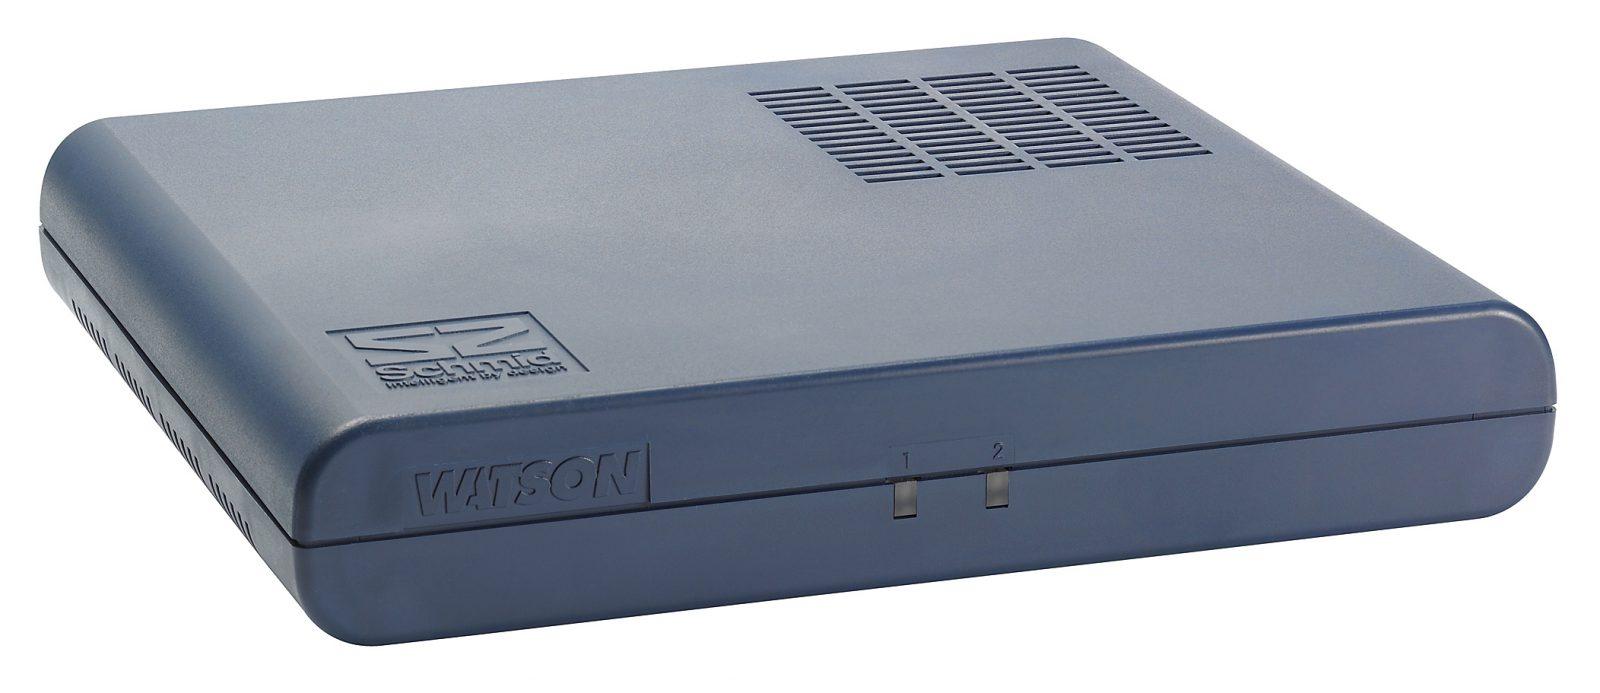 Watson SHDSL Router 2p